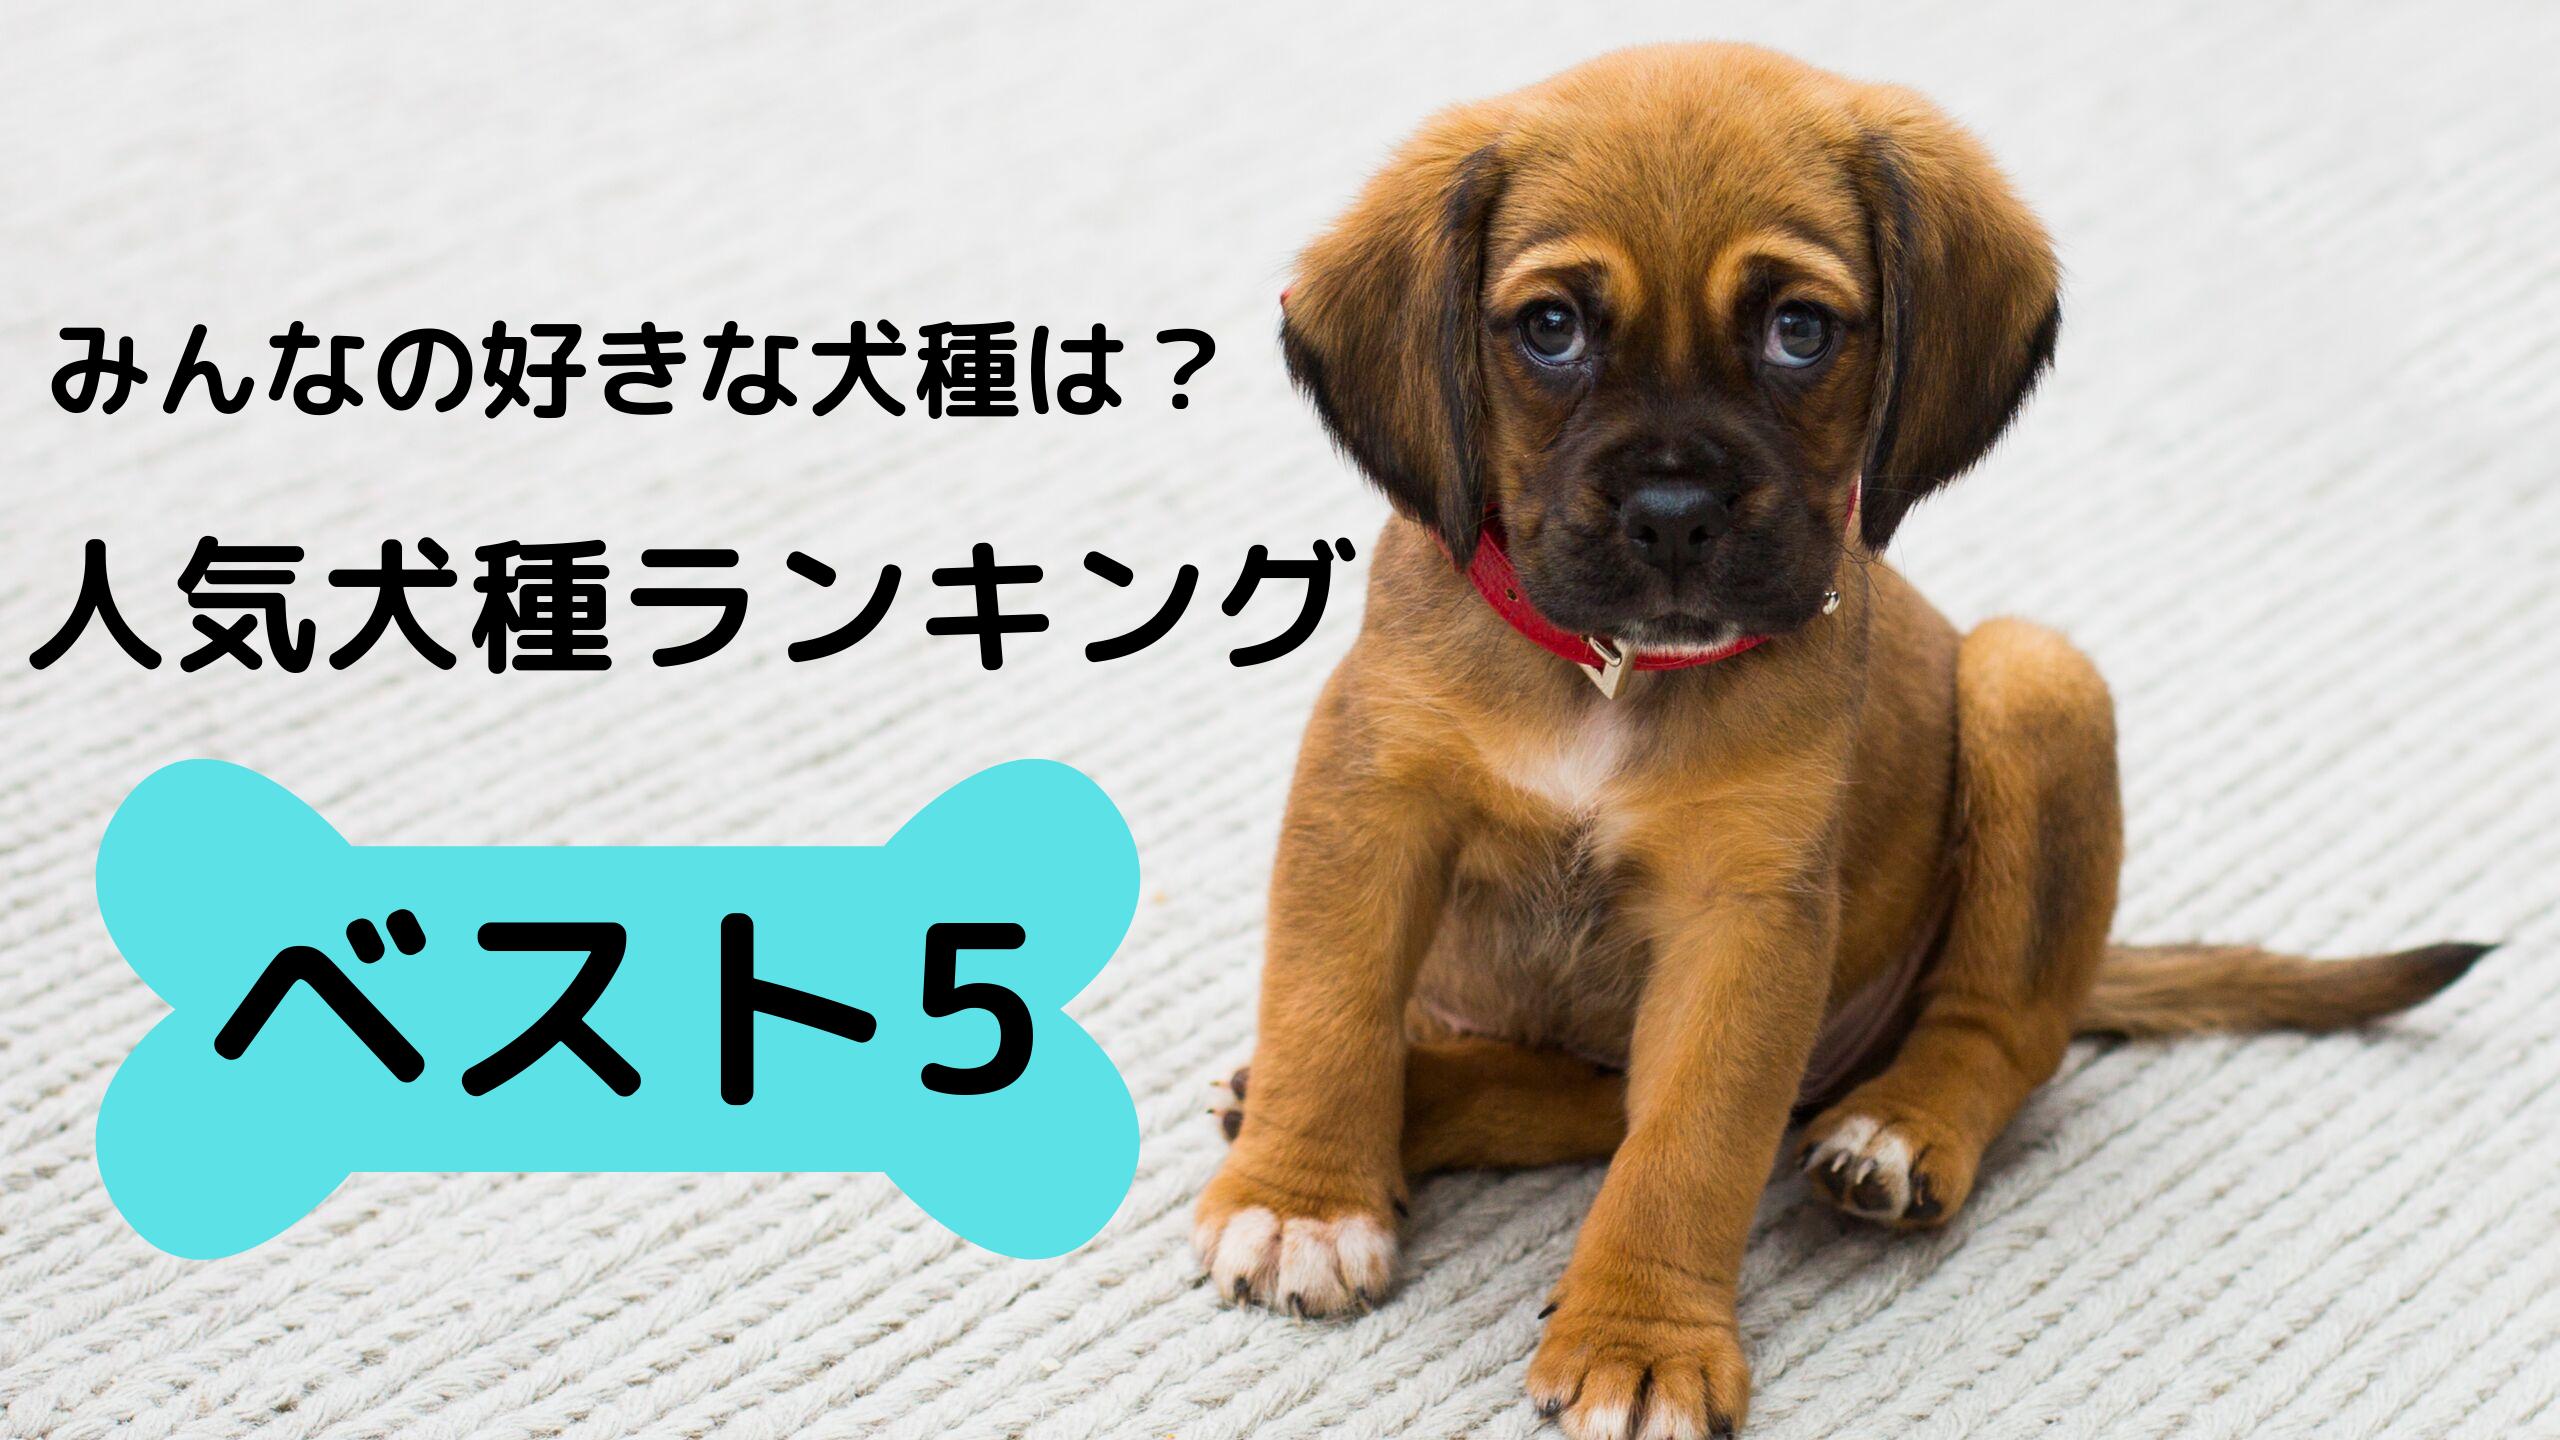 みんなの好きな犬種は?人気犬種ランキングベスト5